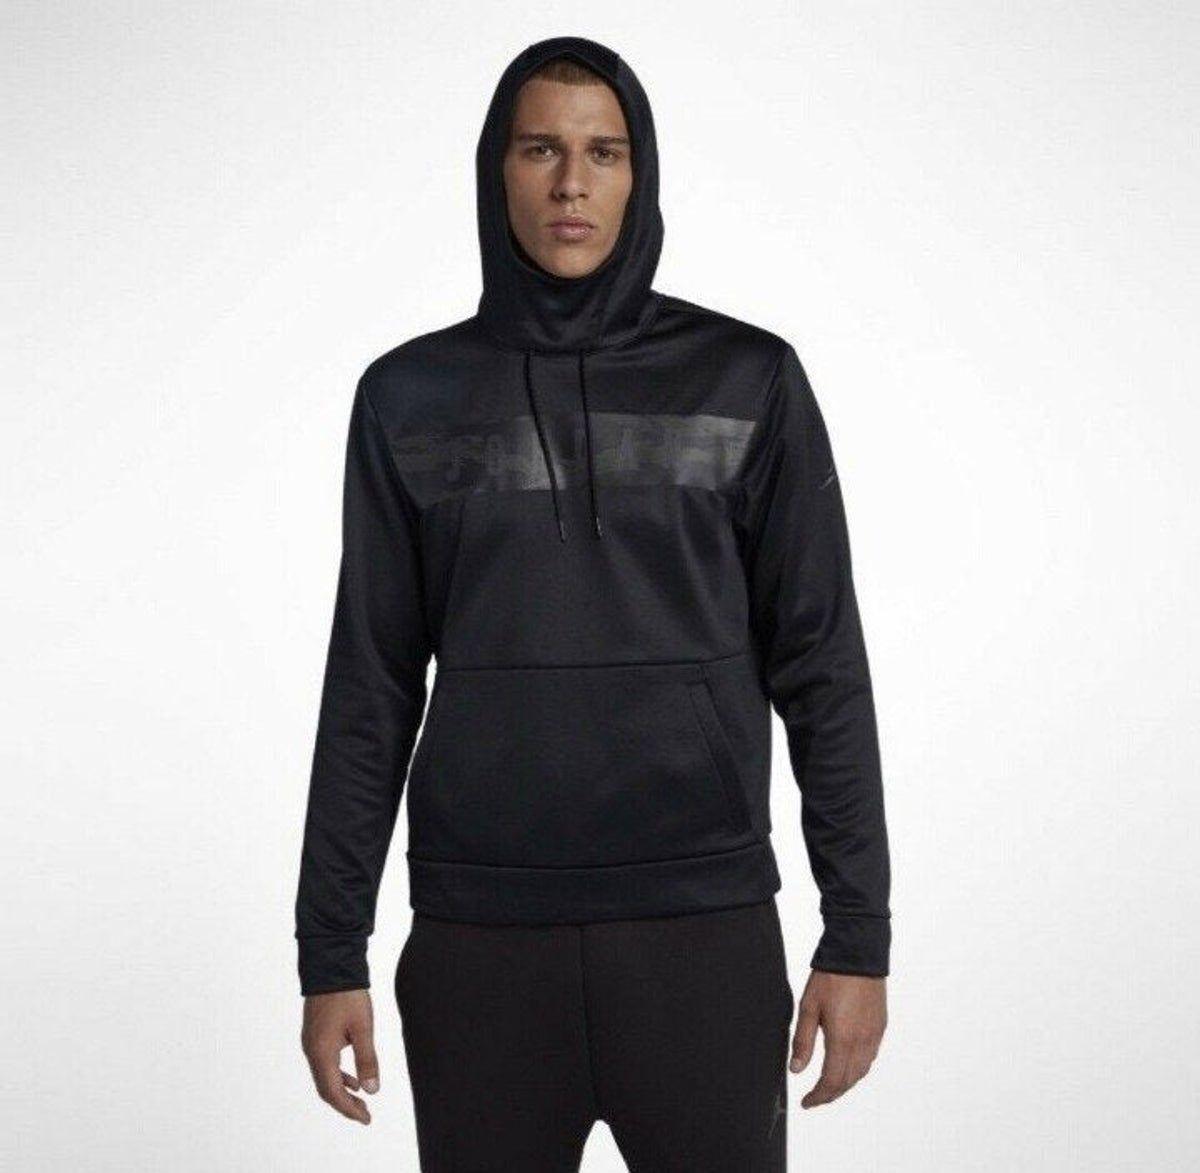 Pin By J Studio On Sports Hoodies Hoodies Men Pullover Pullover Hoodie [ 1173 x 1200 Pixel ]